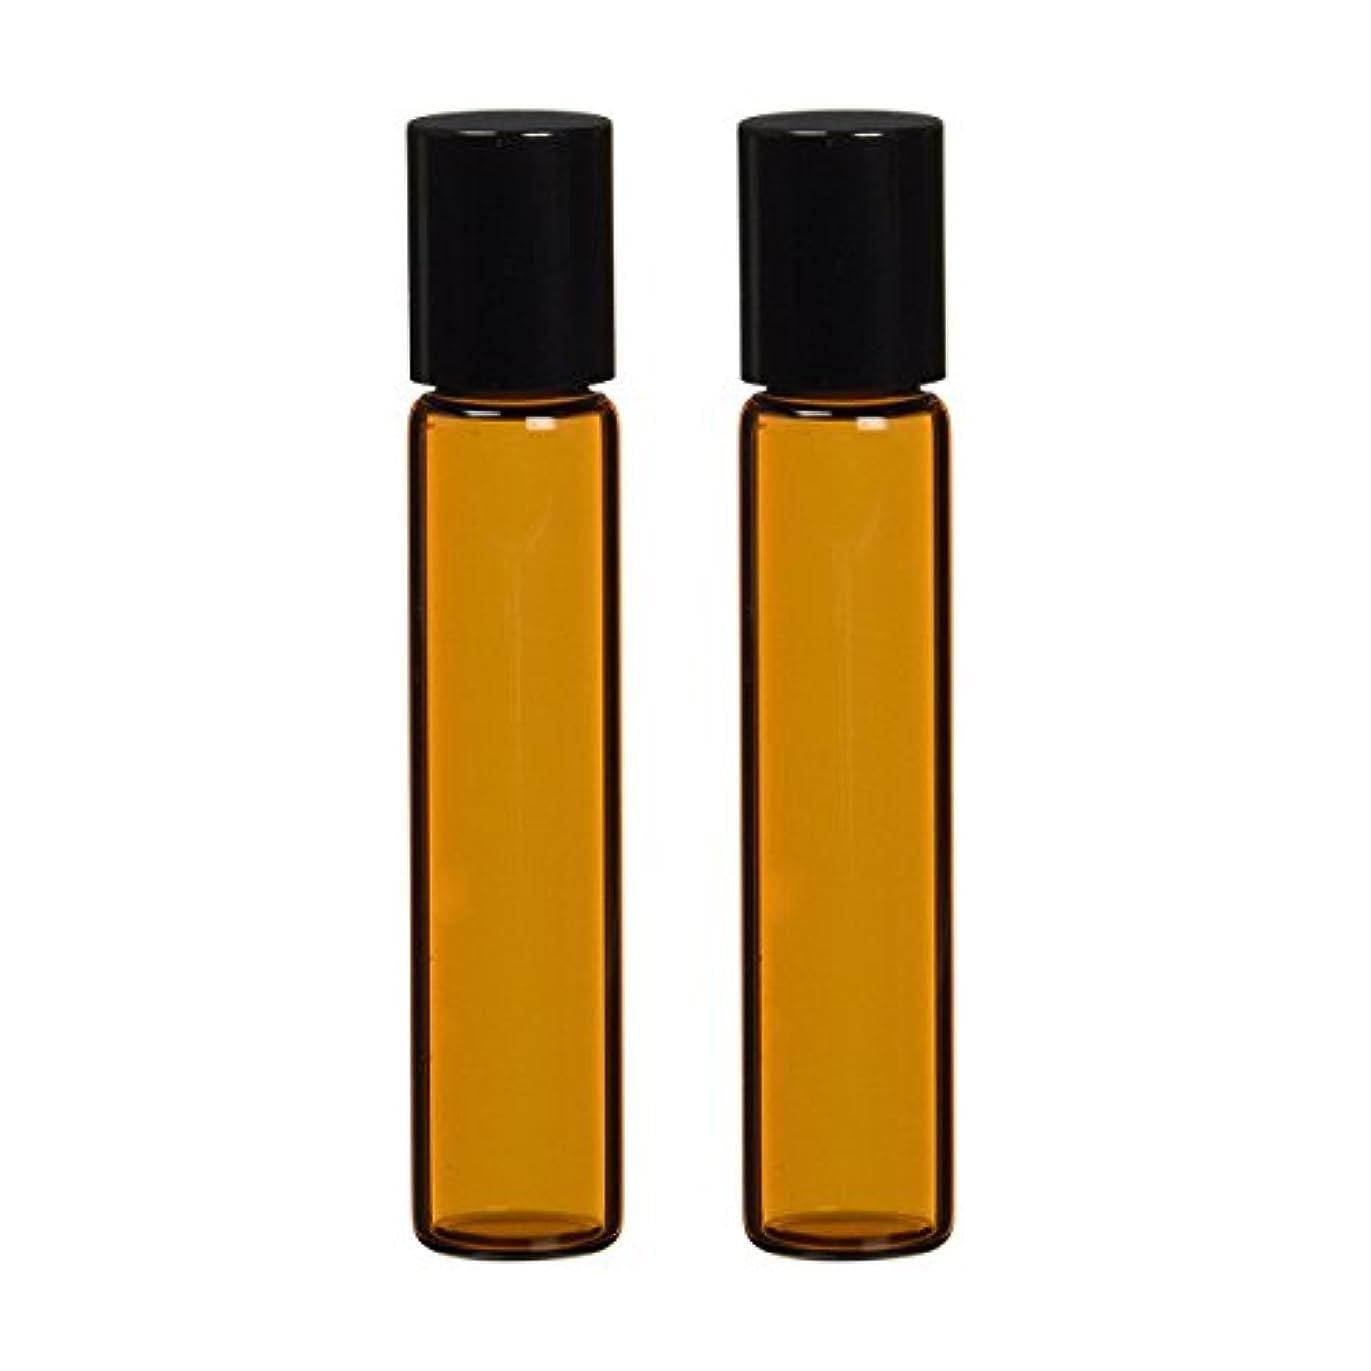 生活の木 茶色遮光ガラスロールオンボトル 7ml (2本セット)